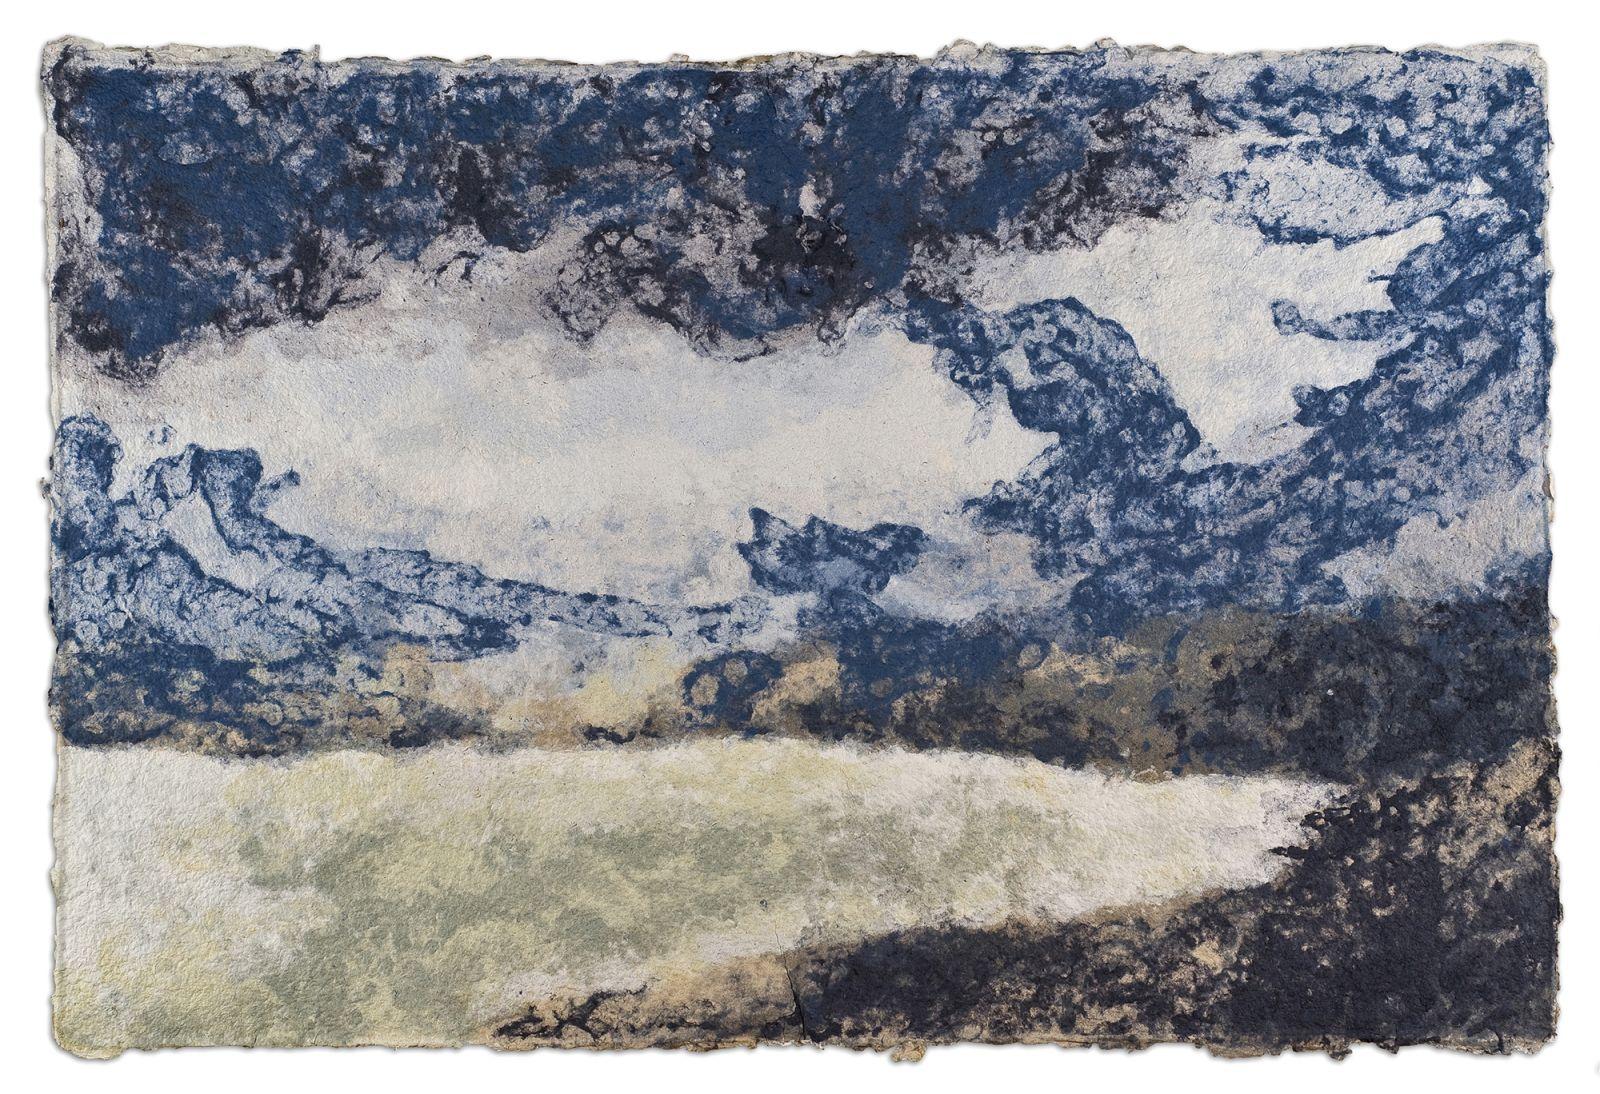 Sur (2010) - Lidia Paladino